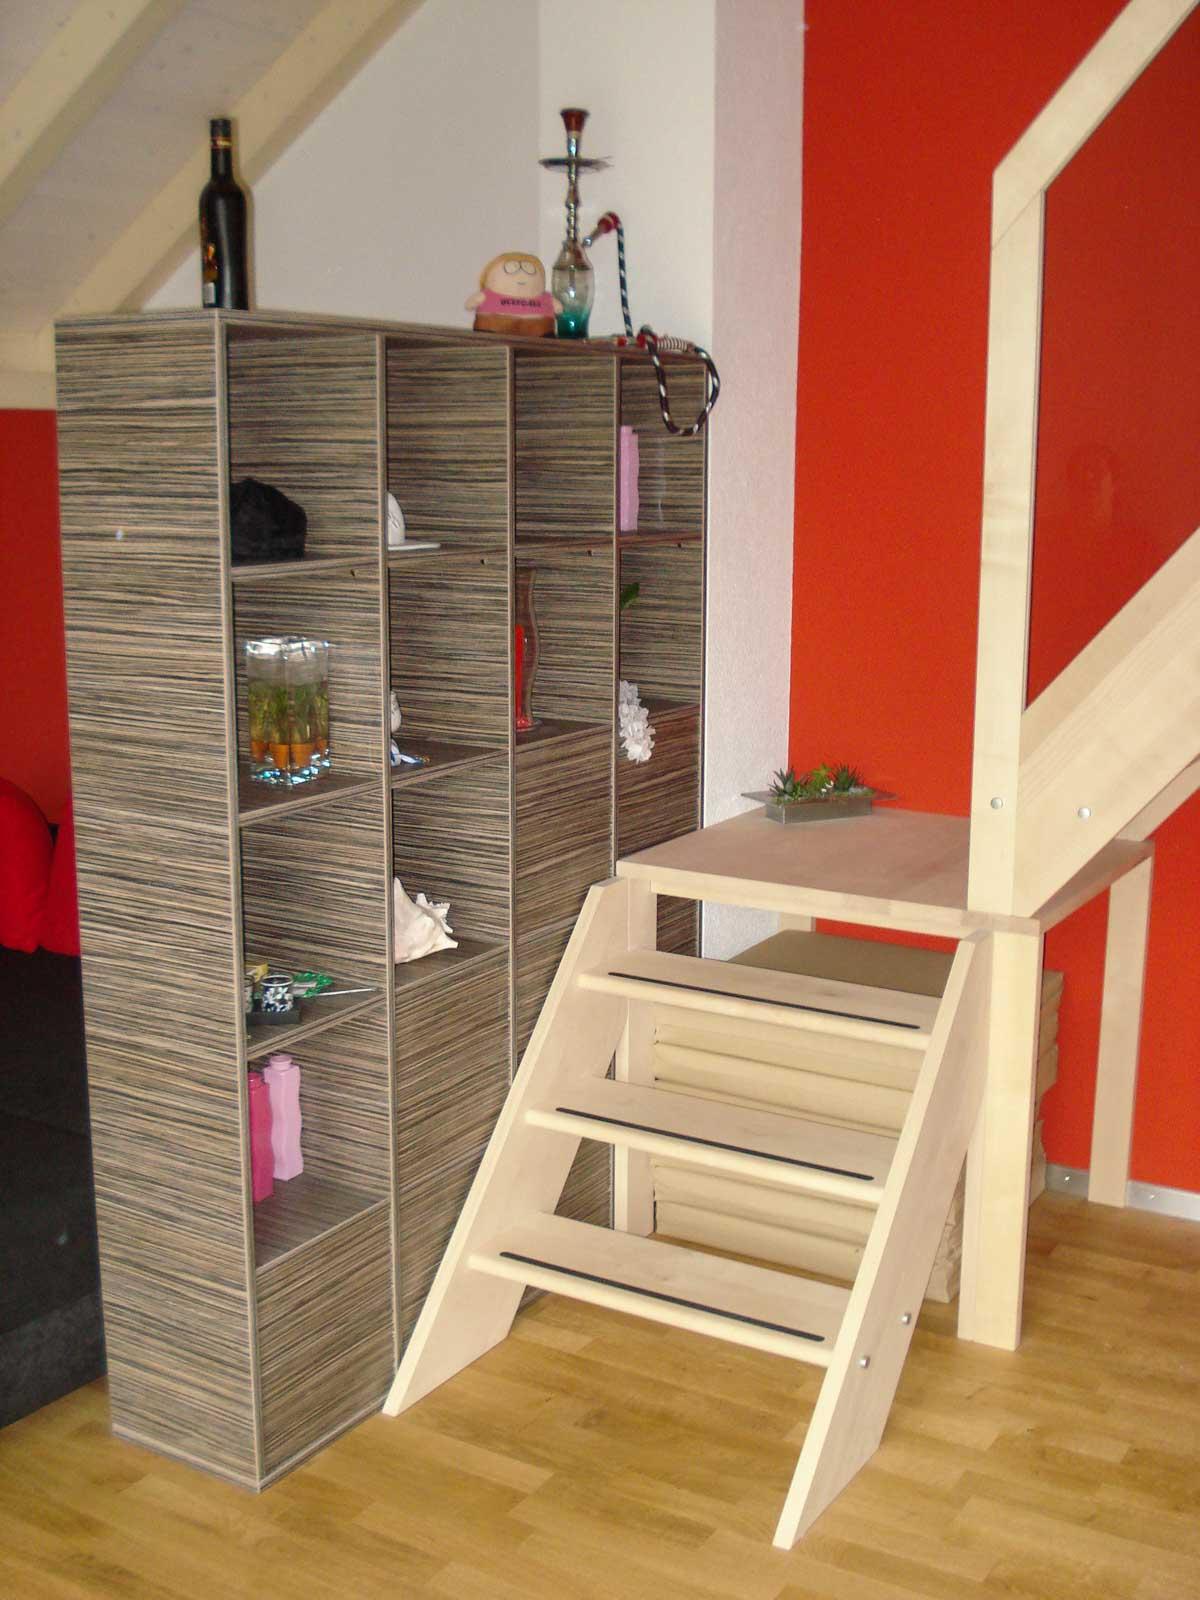 Wooddesign_Jugendzimmer_Jugendbett_Treppe_Schreibtisch-Verstauraum_ Schubladen_Pinwand_Bücherregal_zweistöckig (2)